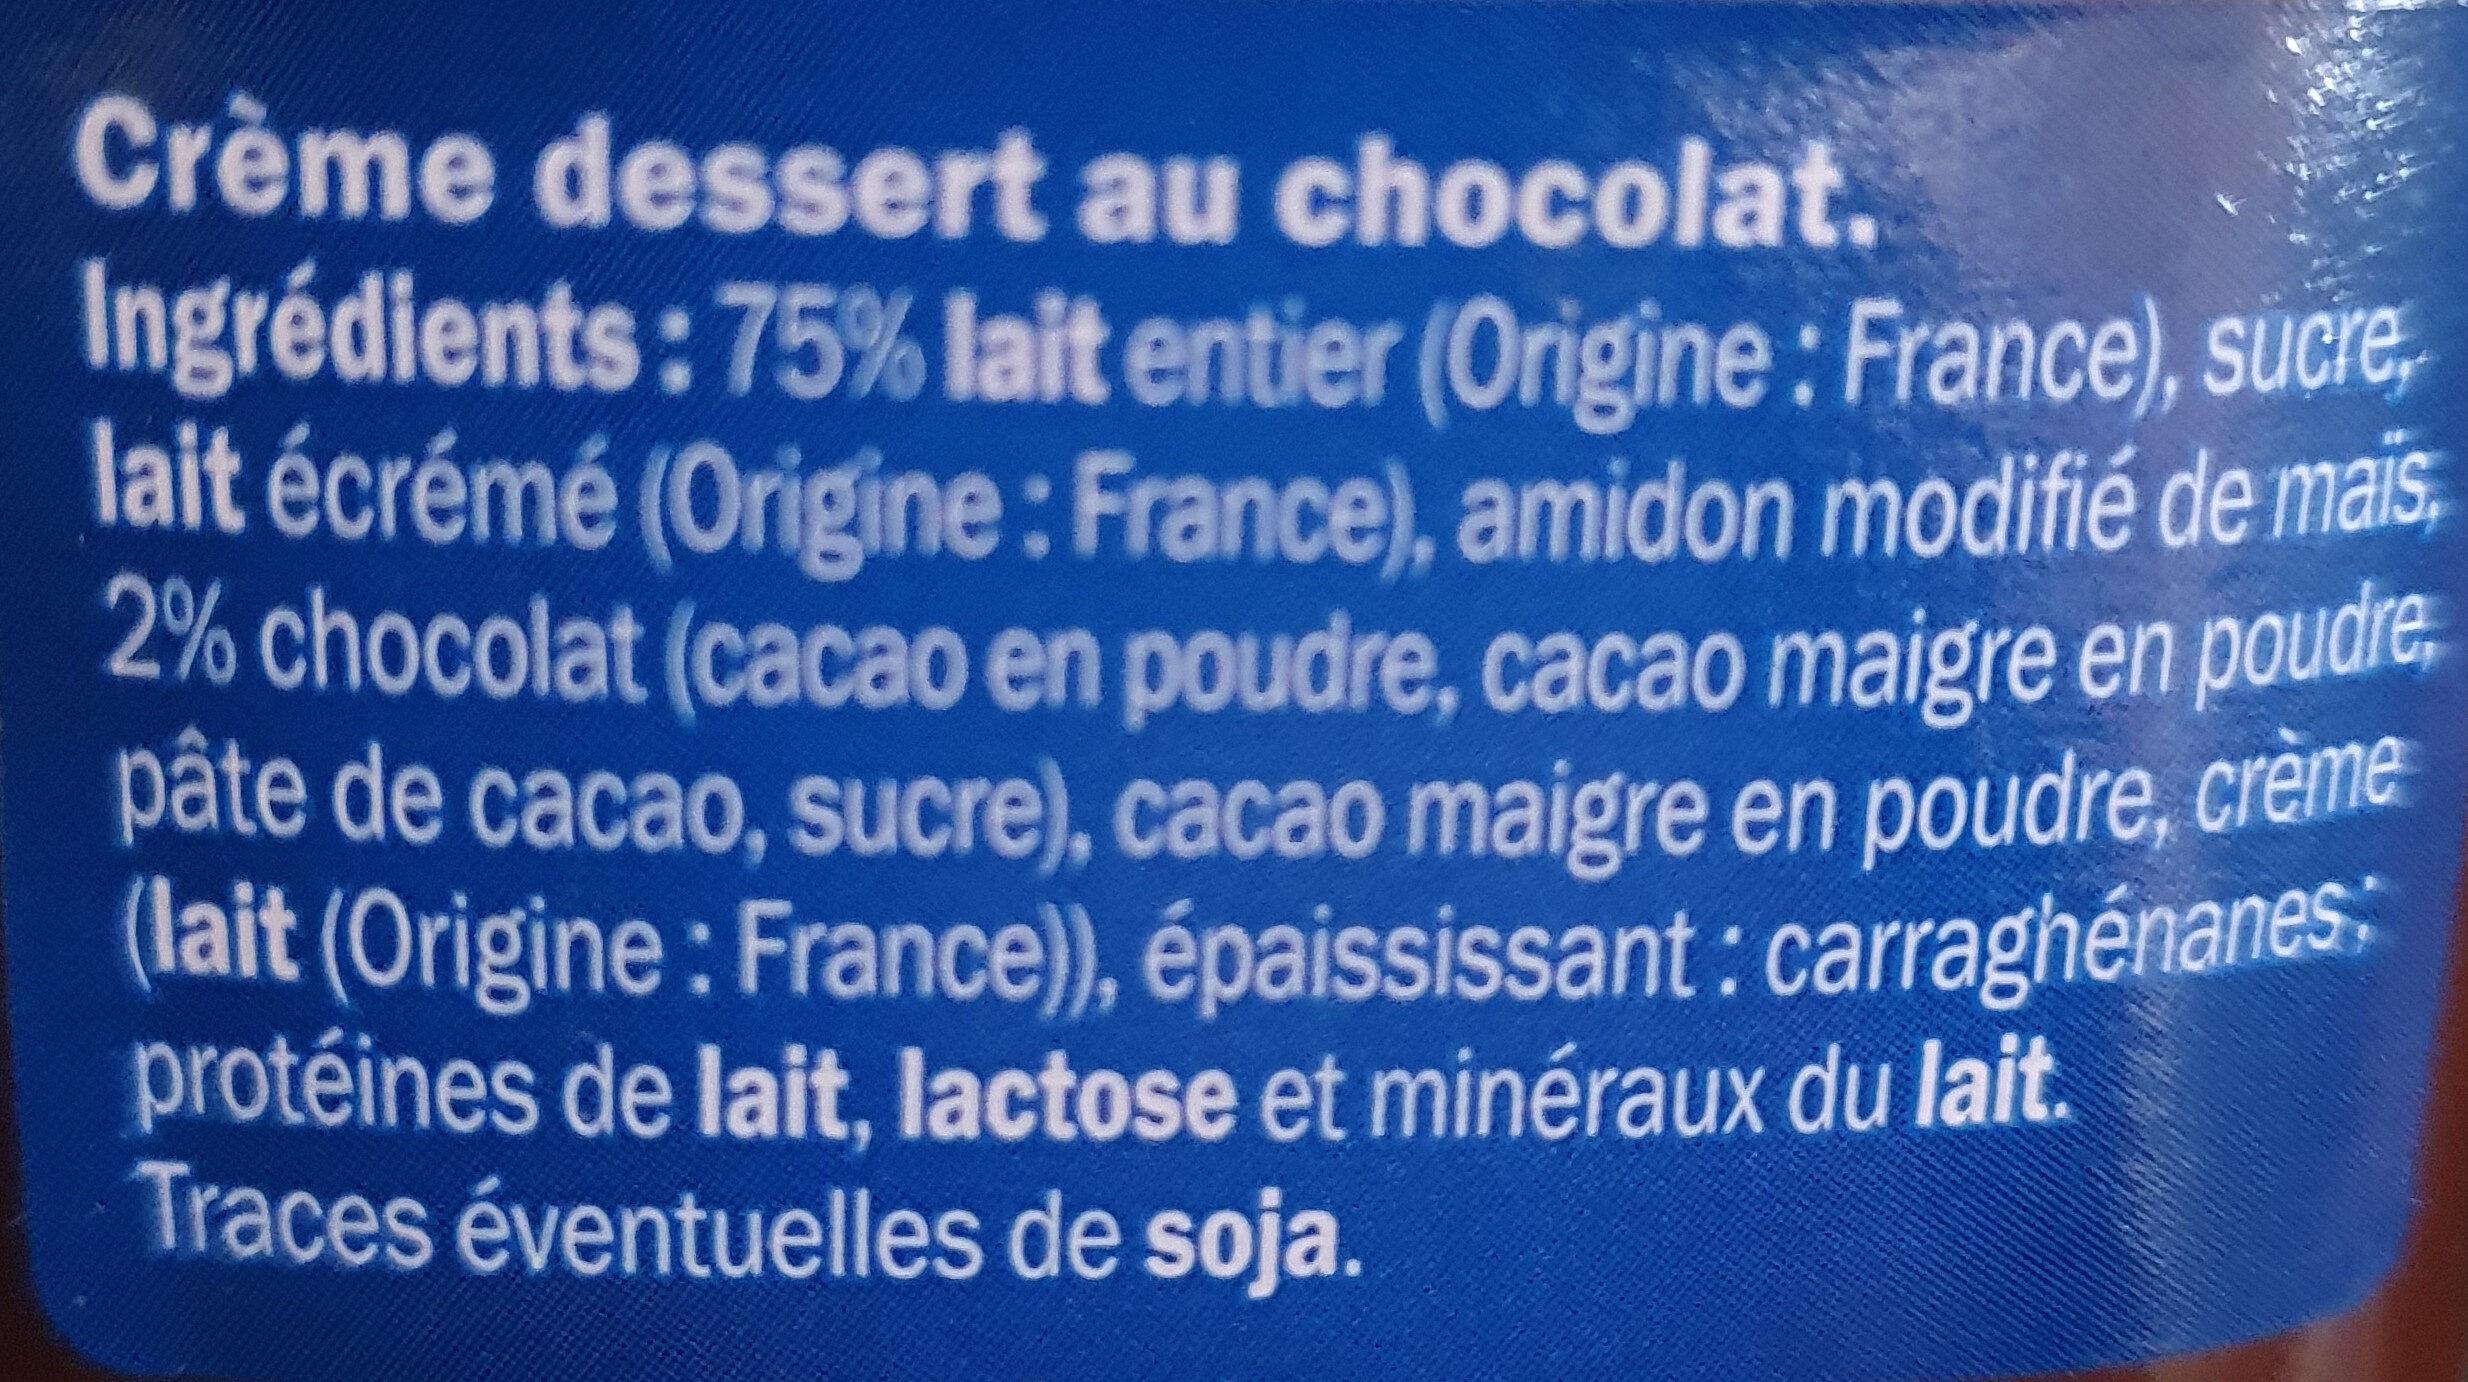 Crème dessert chocolat - Ingrédients - fr